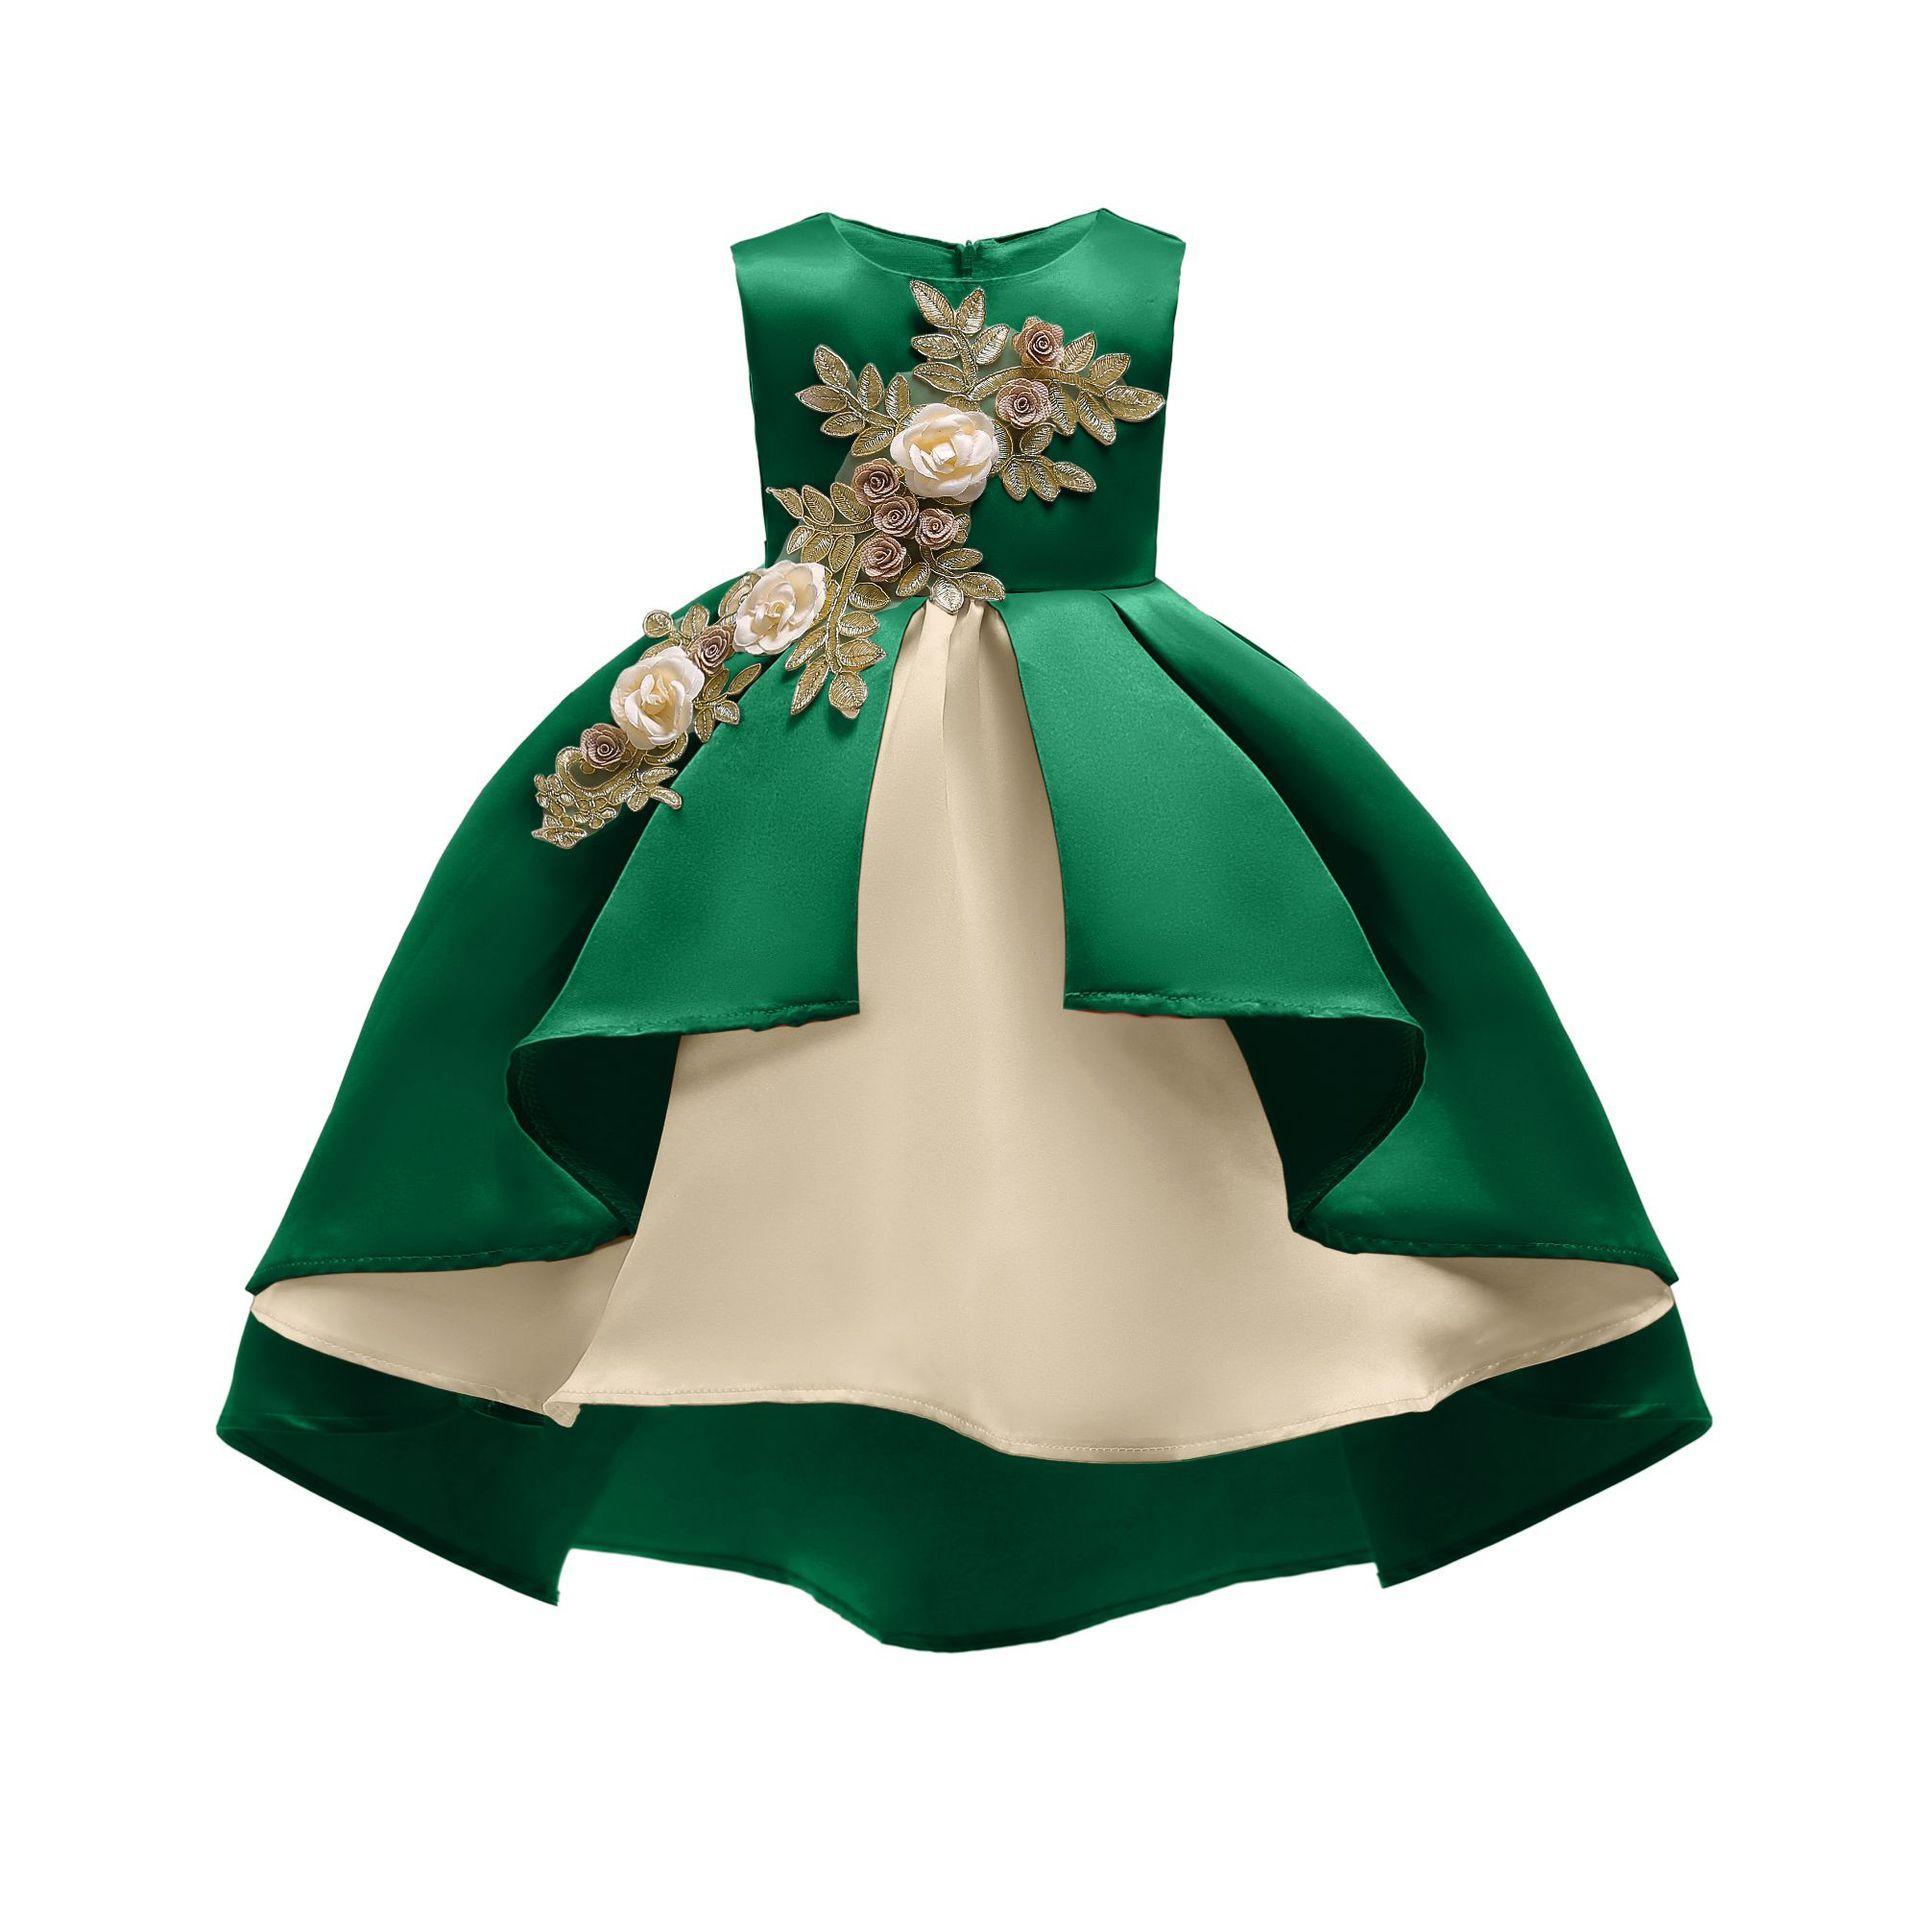 e6f8ace0710ad Compre es Nueva Navidad Año Nuevo Vestidos Para Niñas Ropa De Niños Faldas  Para Niños Vestido Para Niños Vestidos De Princesa A  24.13 Del Love kids  ...